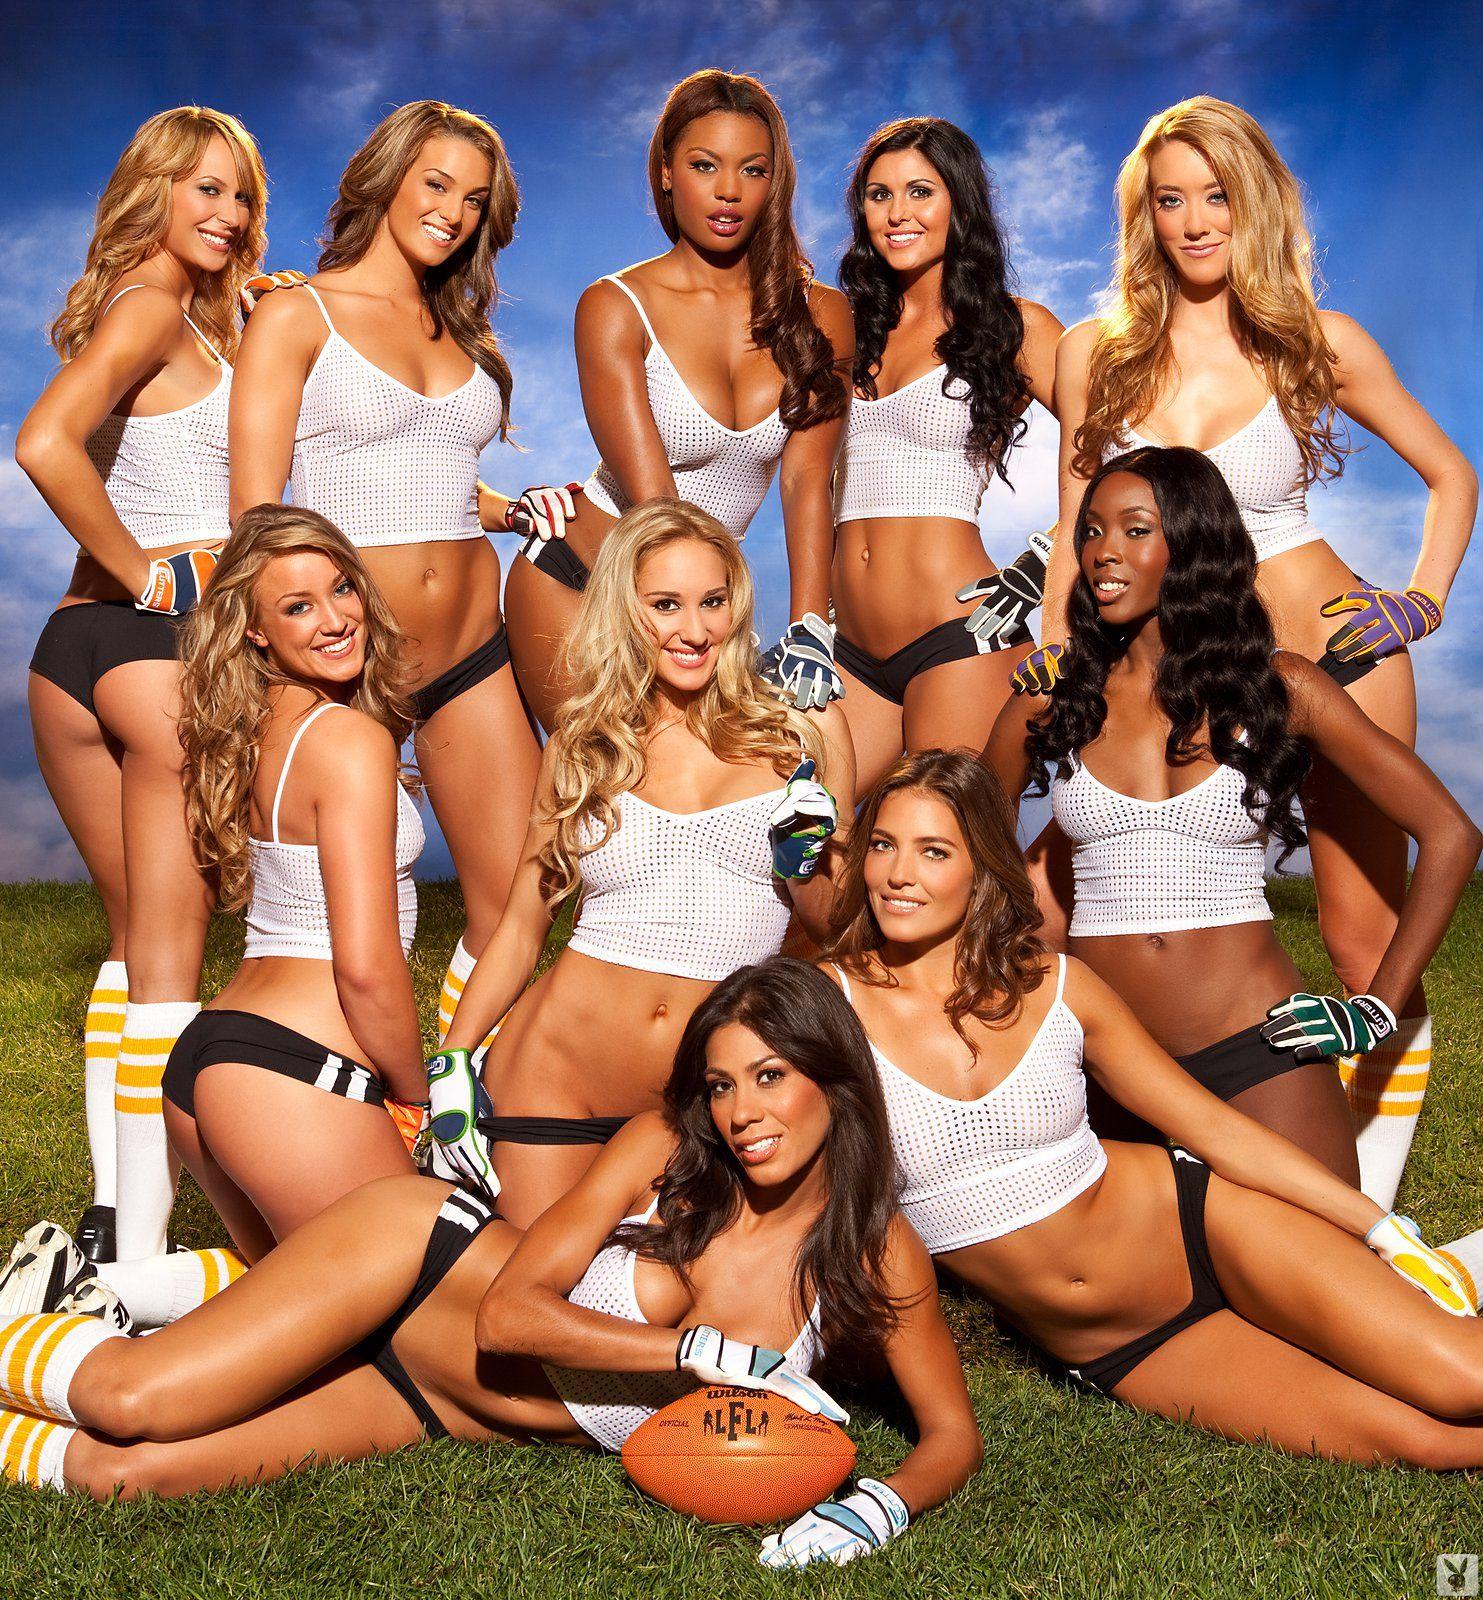 Плейбой девушки футбола фото 635-339